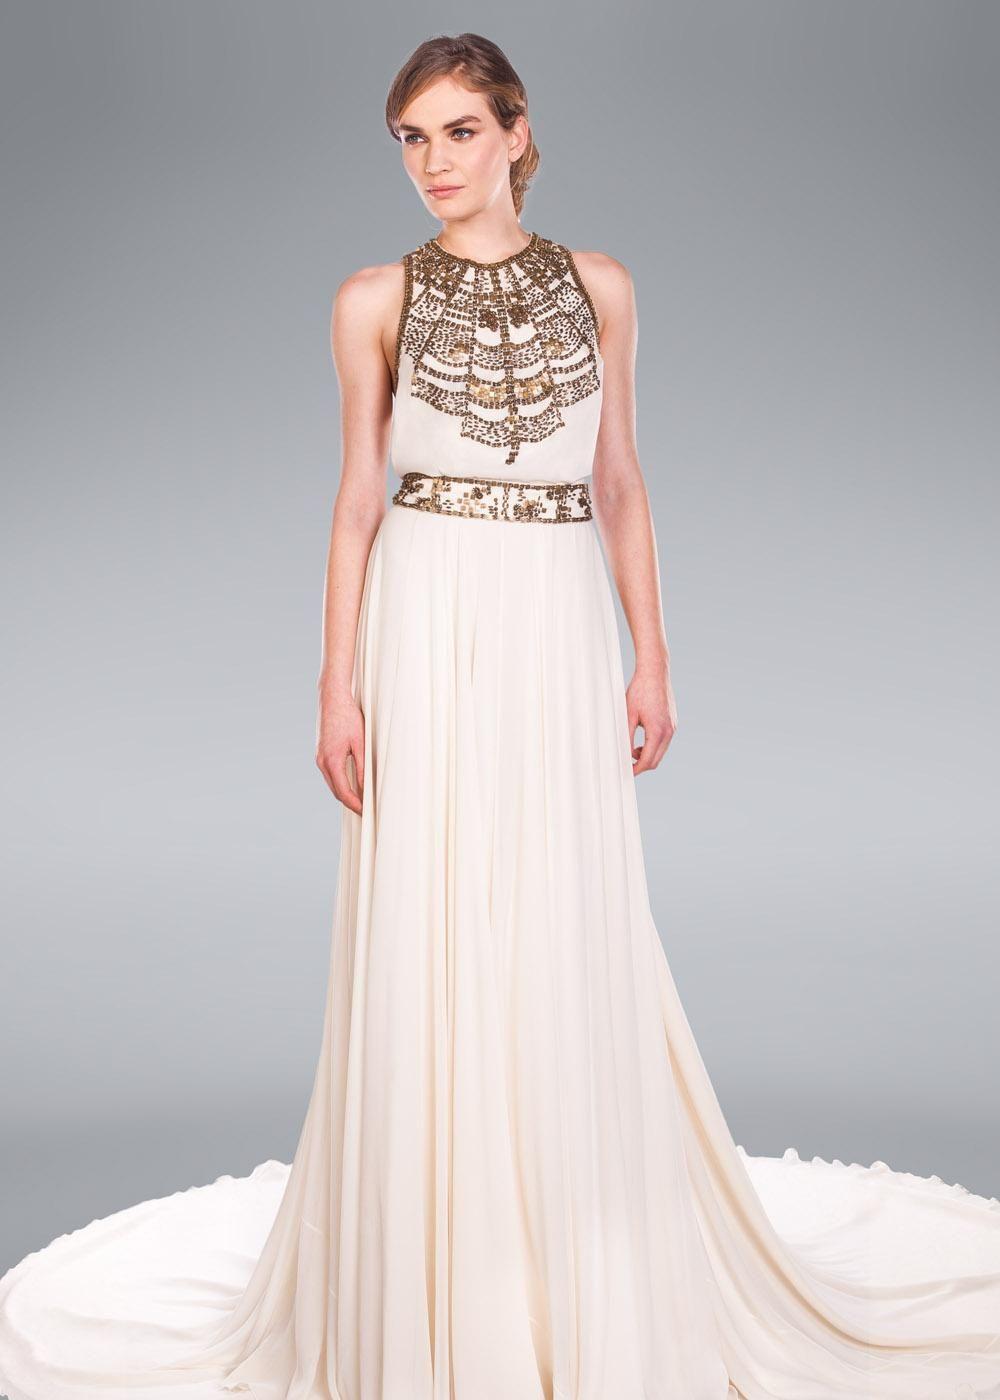 Egyptian inspired wedding dress